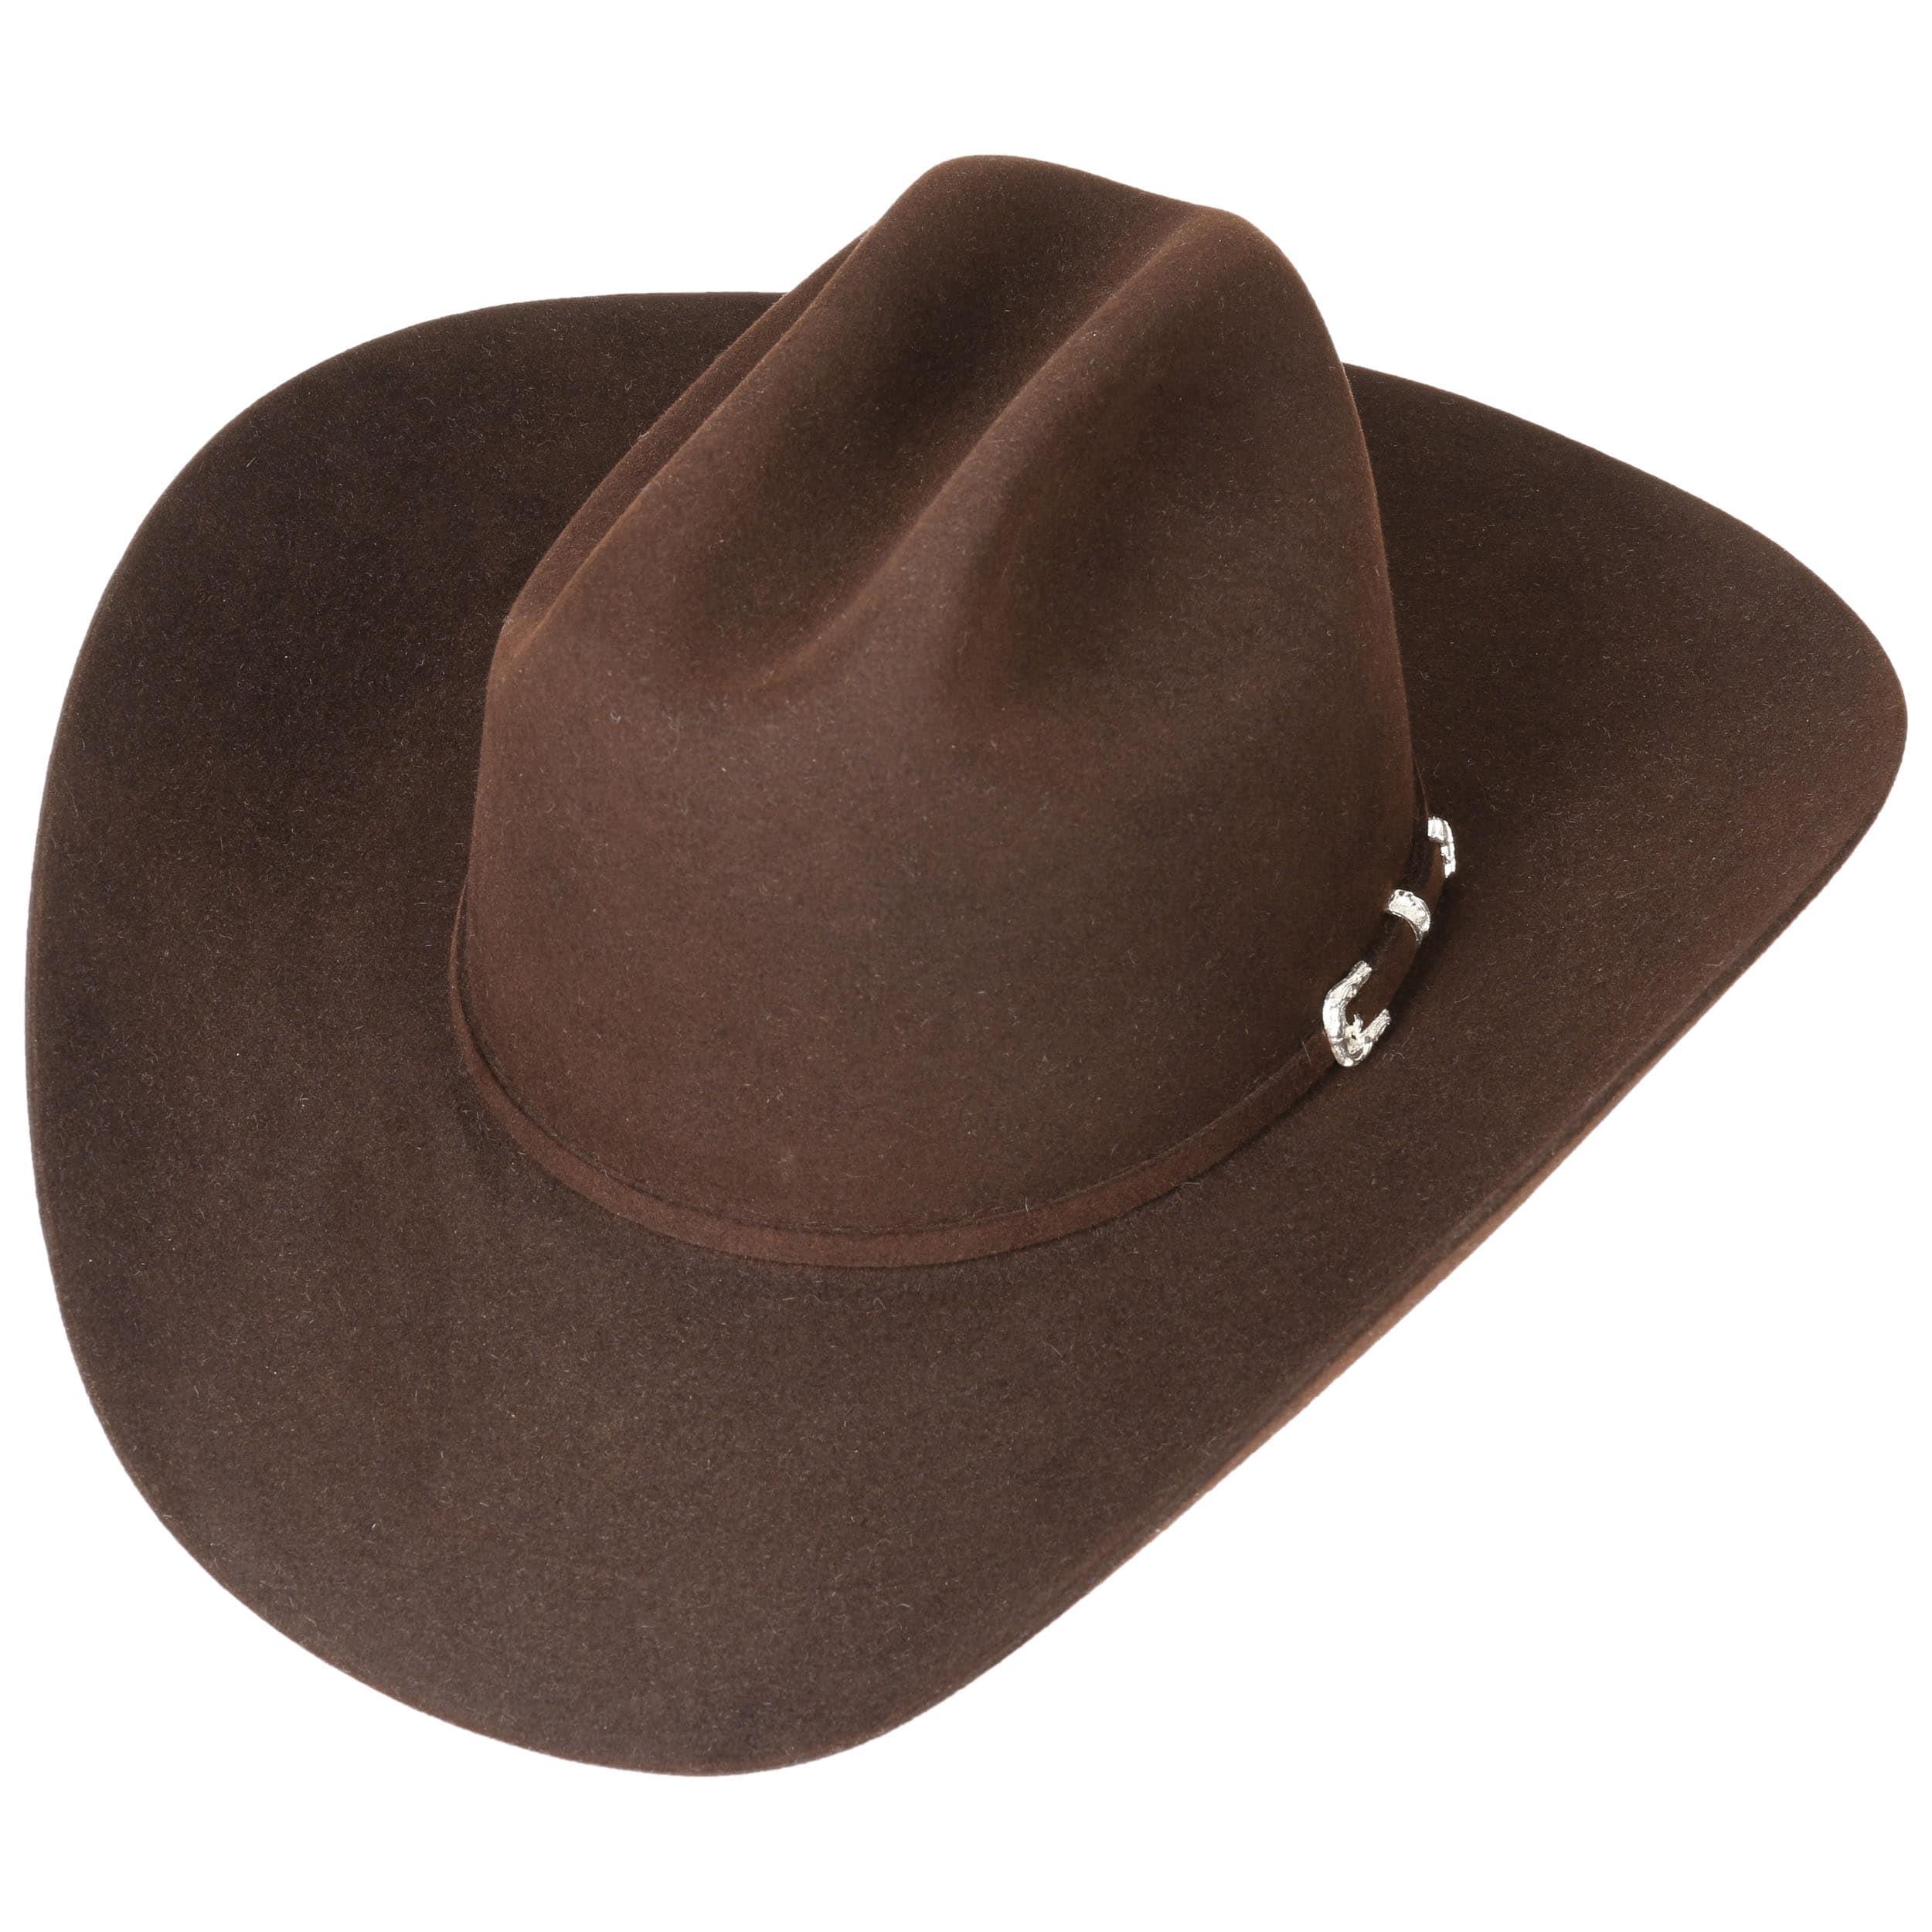 78e2aa5dd Sombrero de Vaquero Lariat 5X by Stetson - marrón oscuro 1 ...